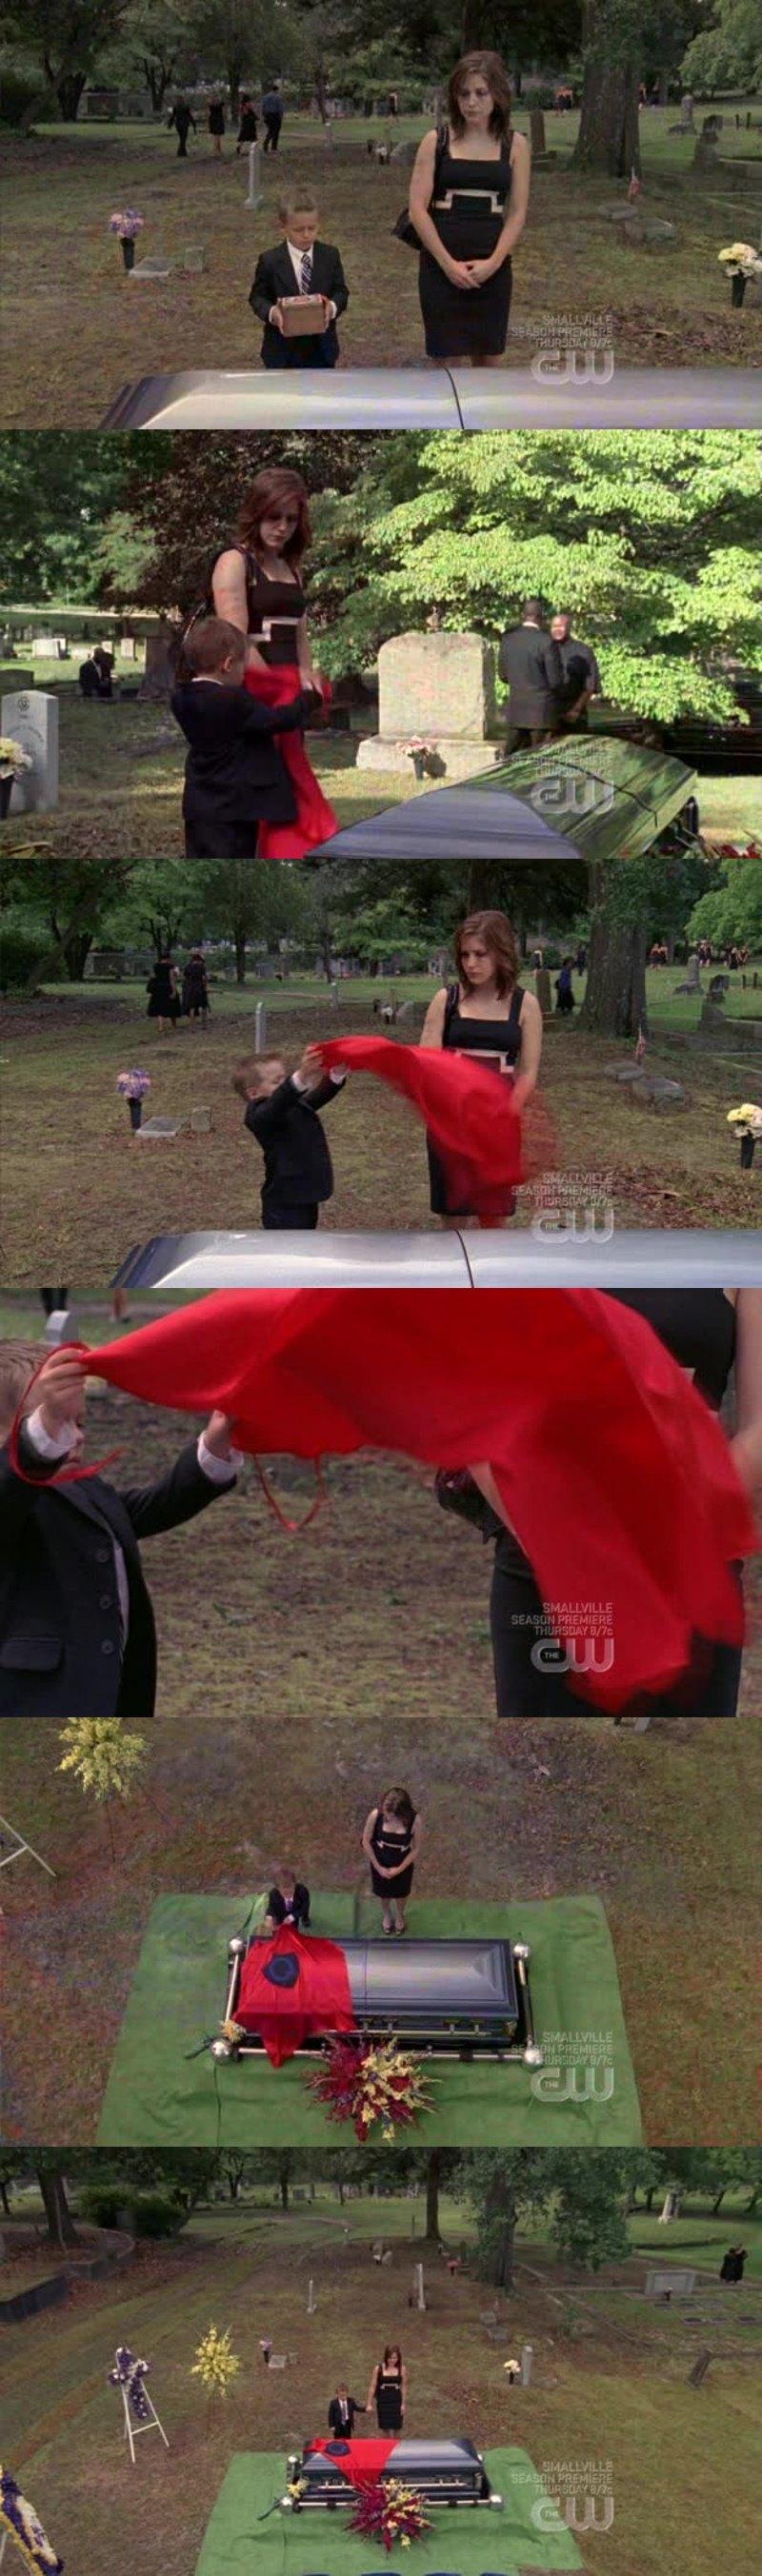 Cette scène m'a tellement touché ❤️